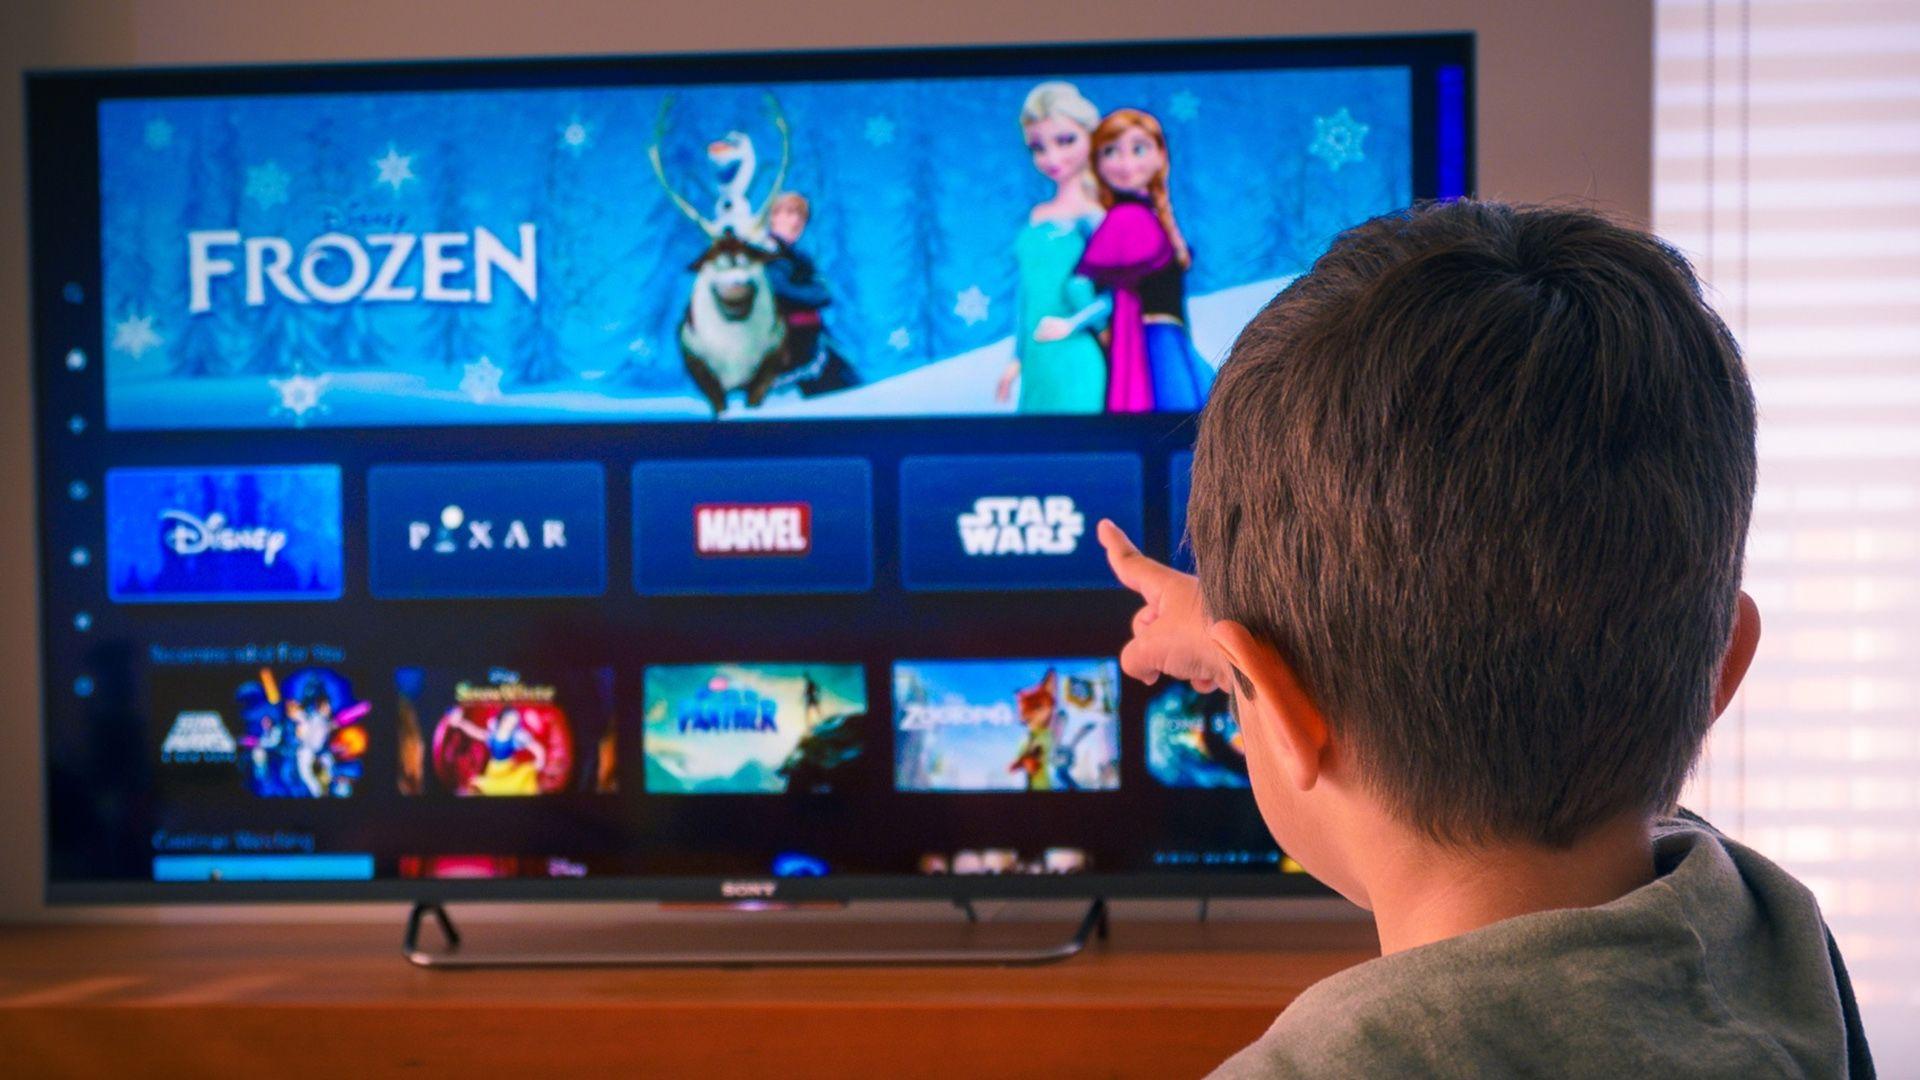 Disney plus smart tvs disney plus smart tv vizio